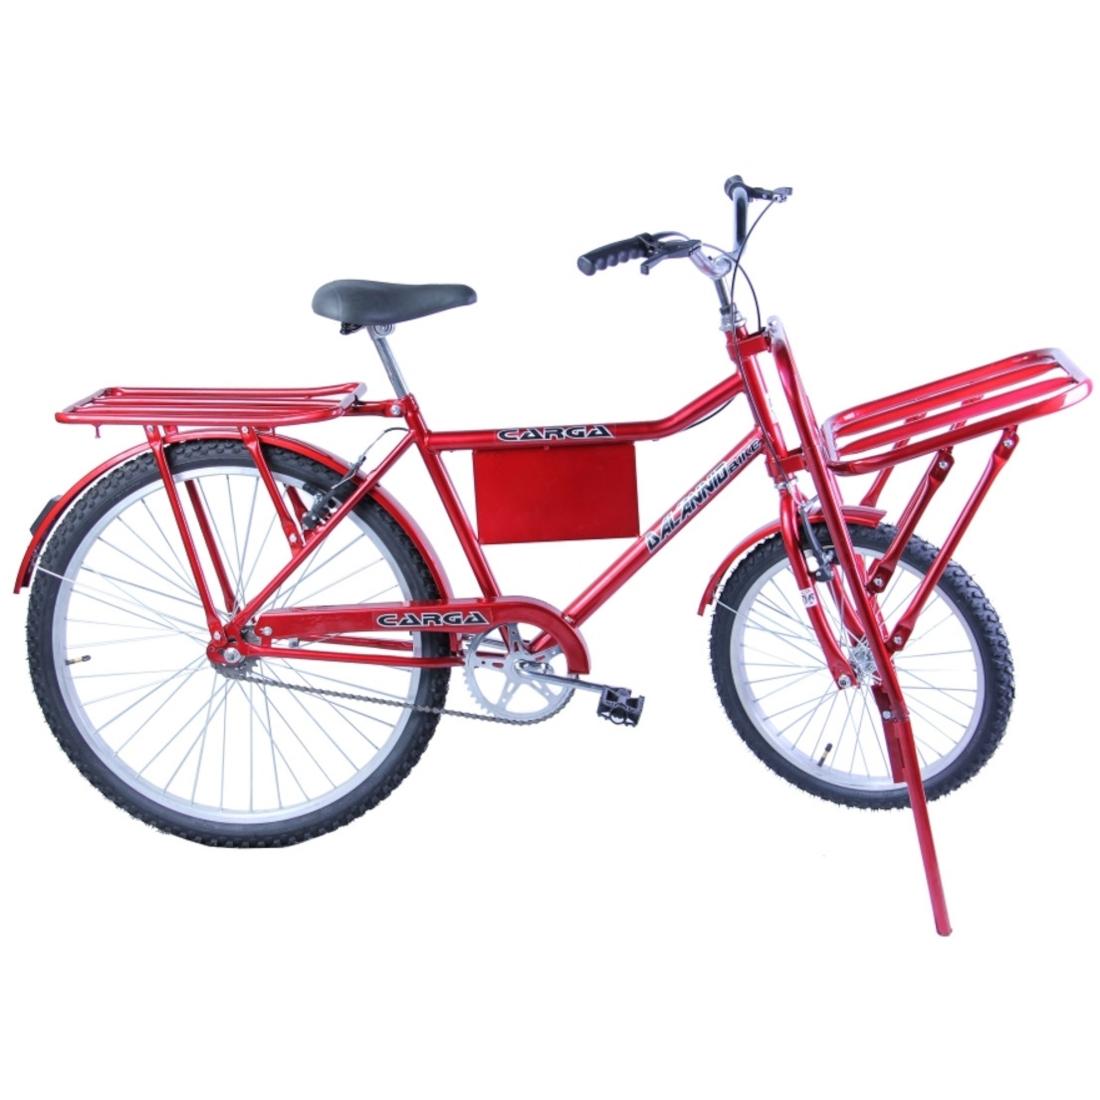 Bicicleta Carga Aro 26 cor Vermelha